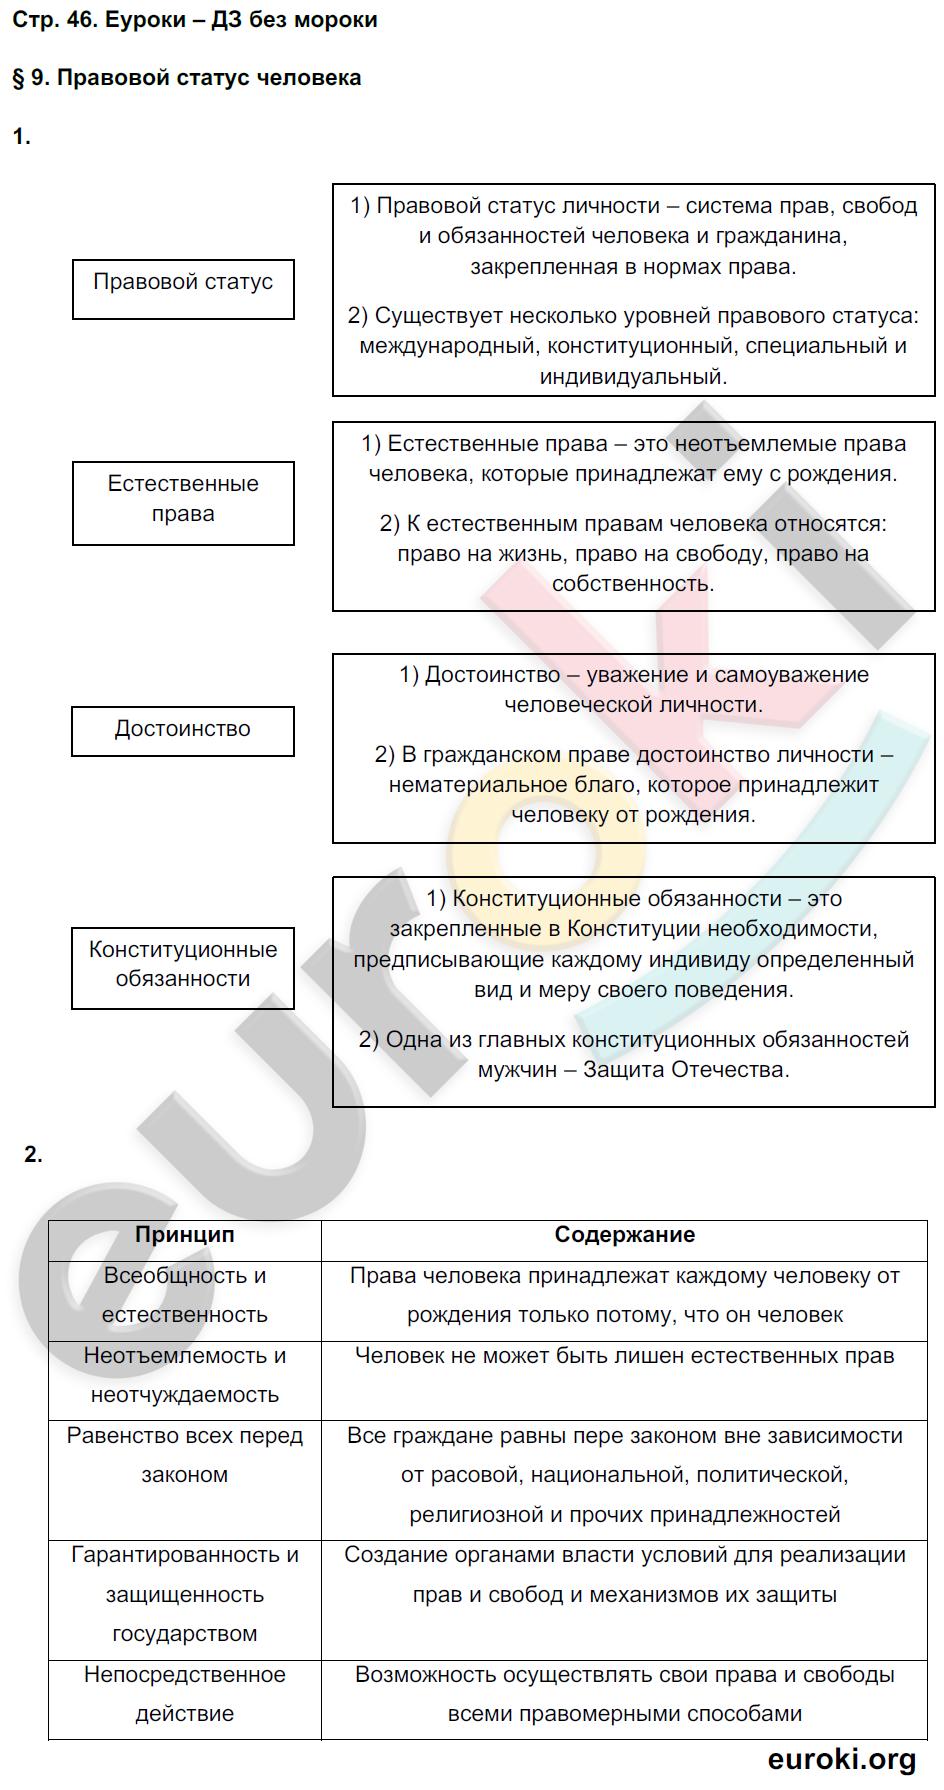 ГДЗ по обществознанию 7 класс рабочая тетрадь Хромова, Кравченко, Певцова. Задание: стр. 46